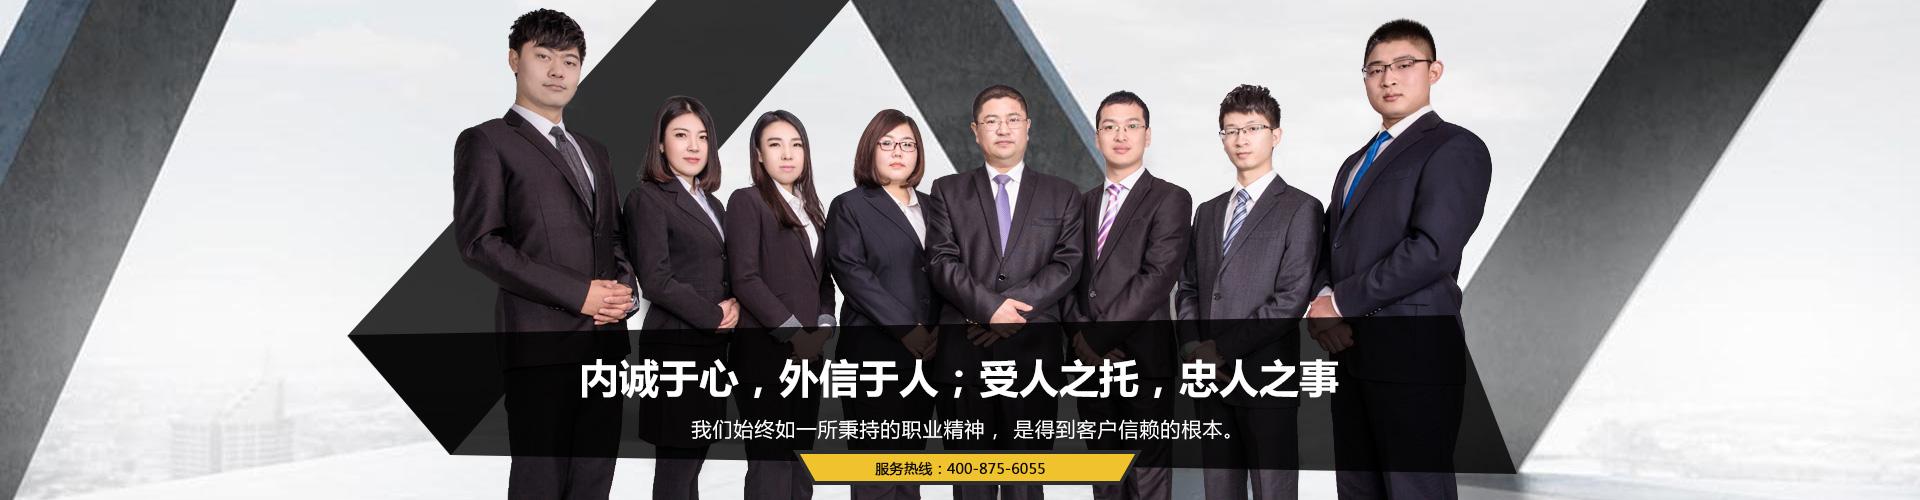 辽宁马文龙律师团